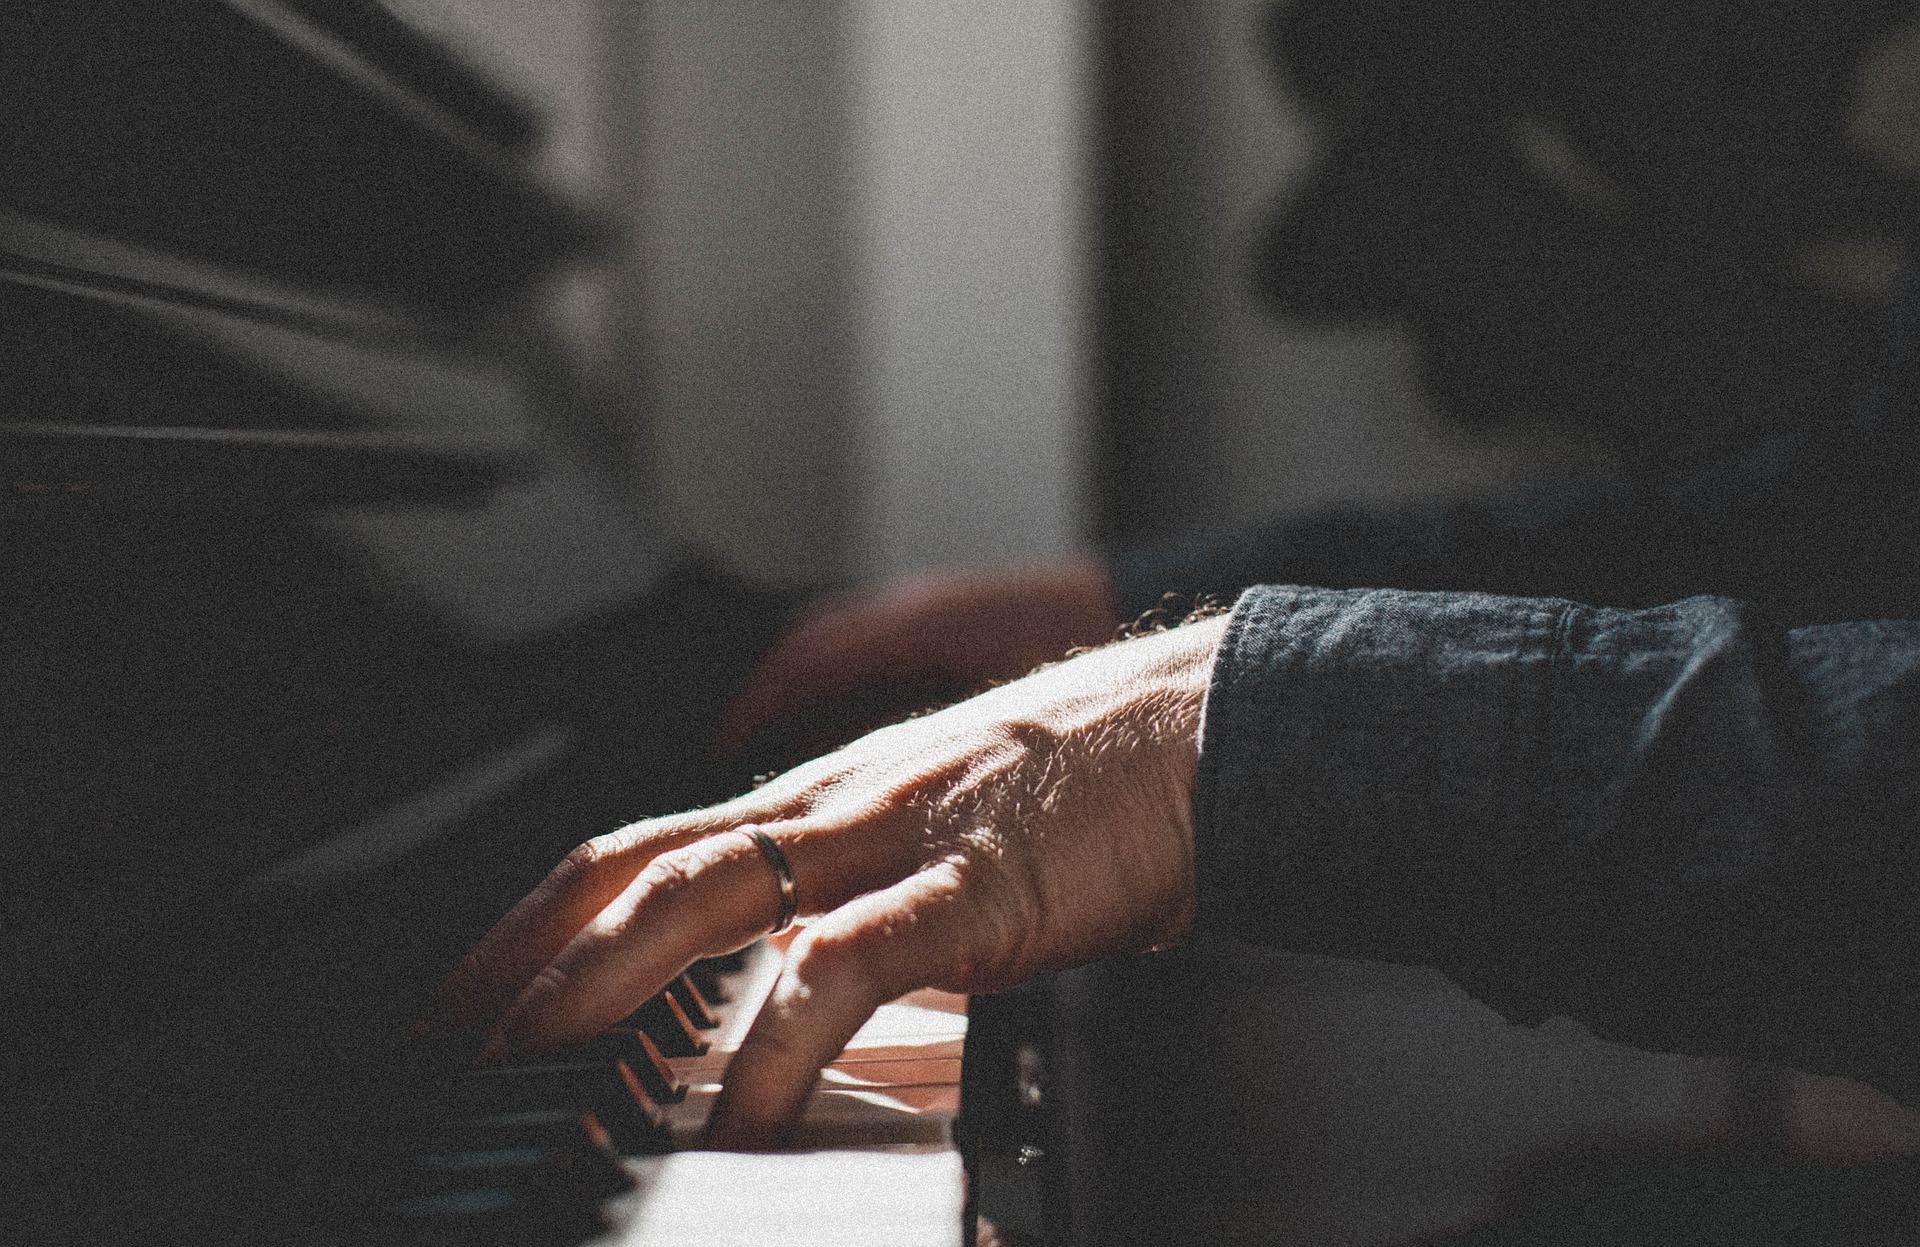 feedback orgel kritiek kerk vrijwilligers vrijwilligersbeleid tips paulien vervoorn